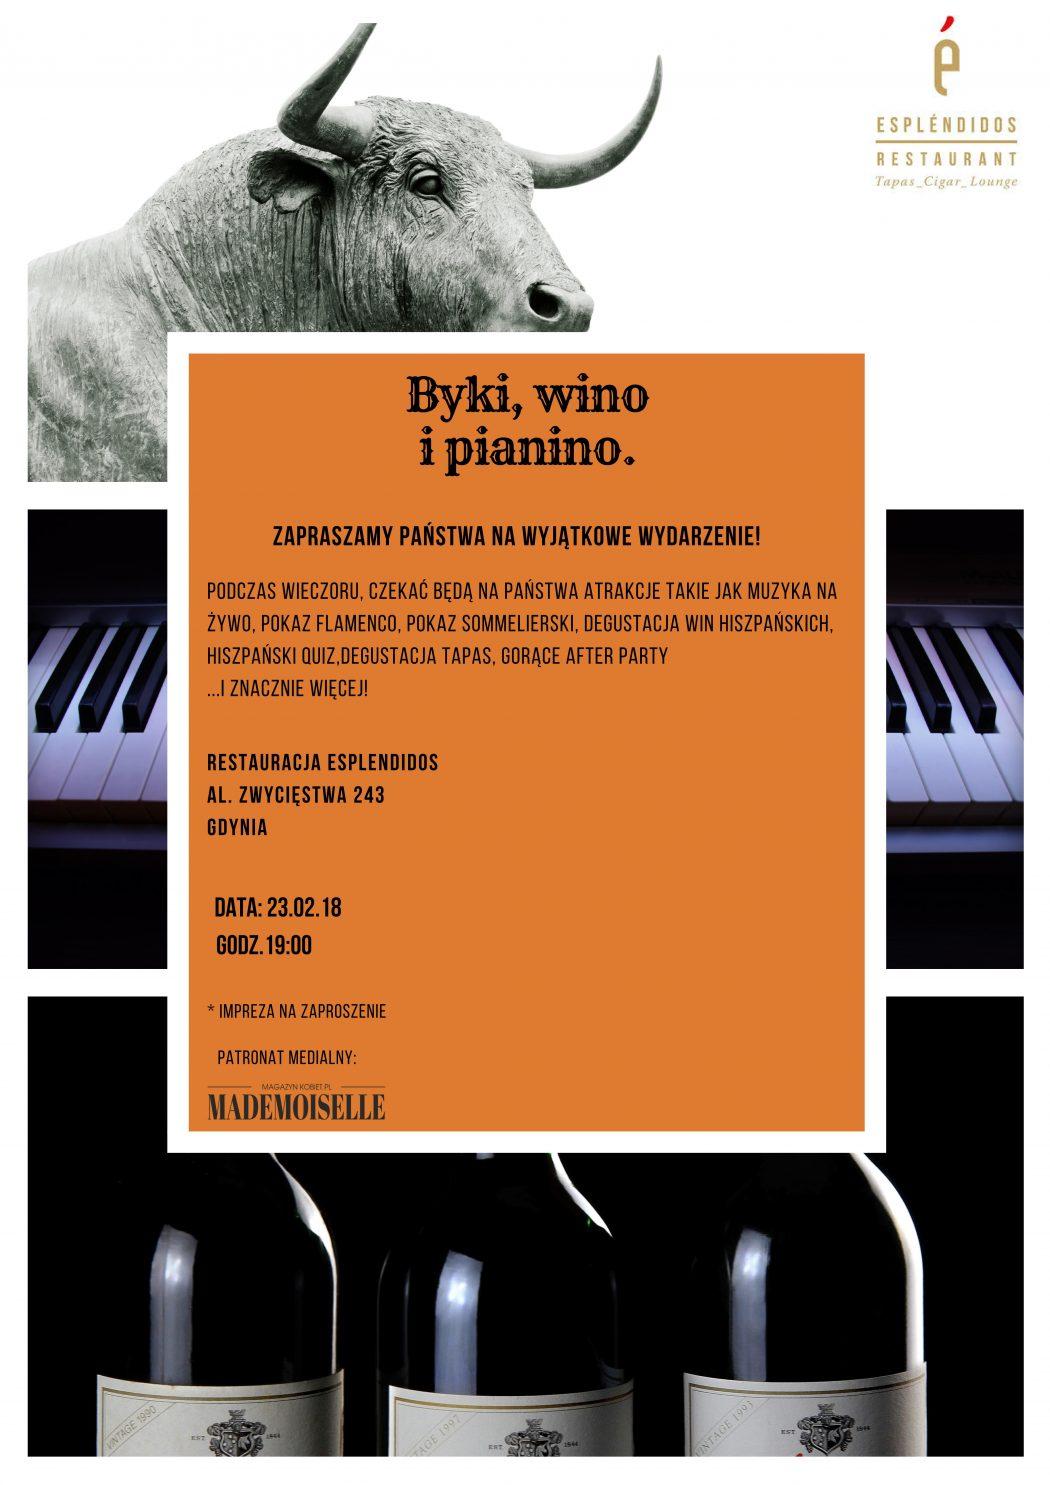 magazynkobiet.pl - byki 2 1050x1485 - Byki, wino i pianino…